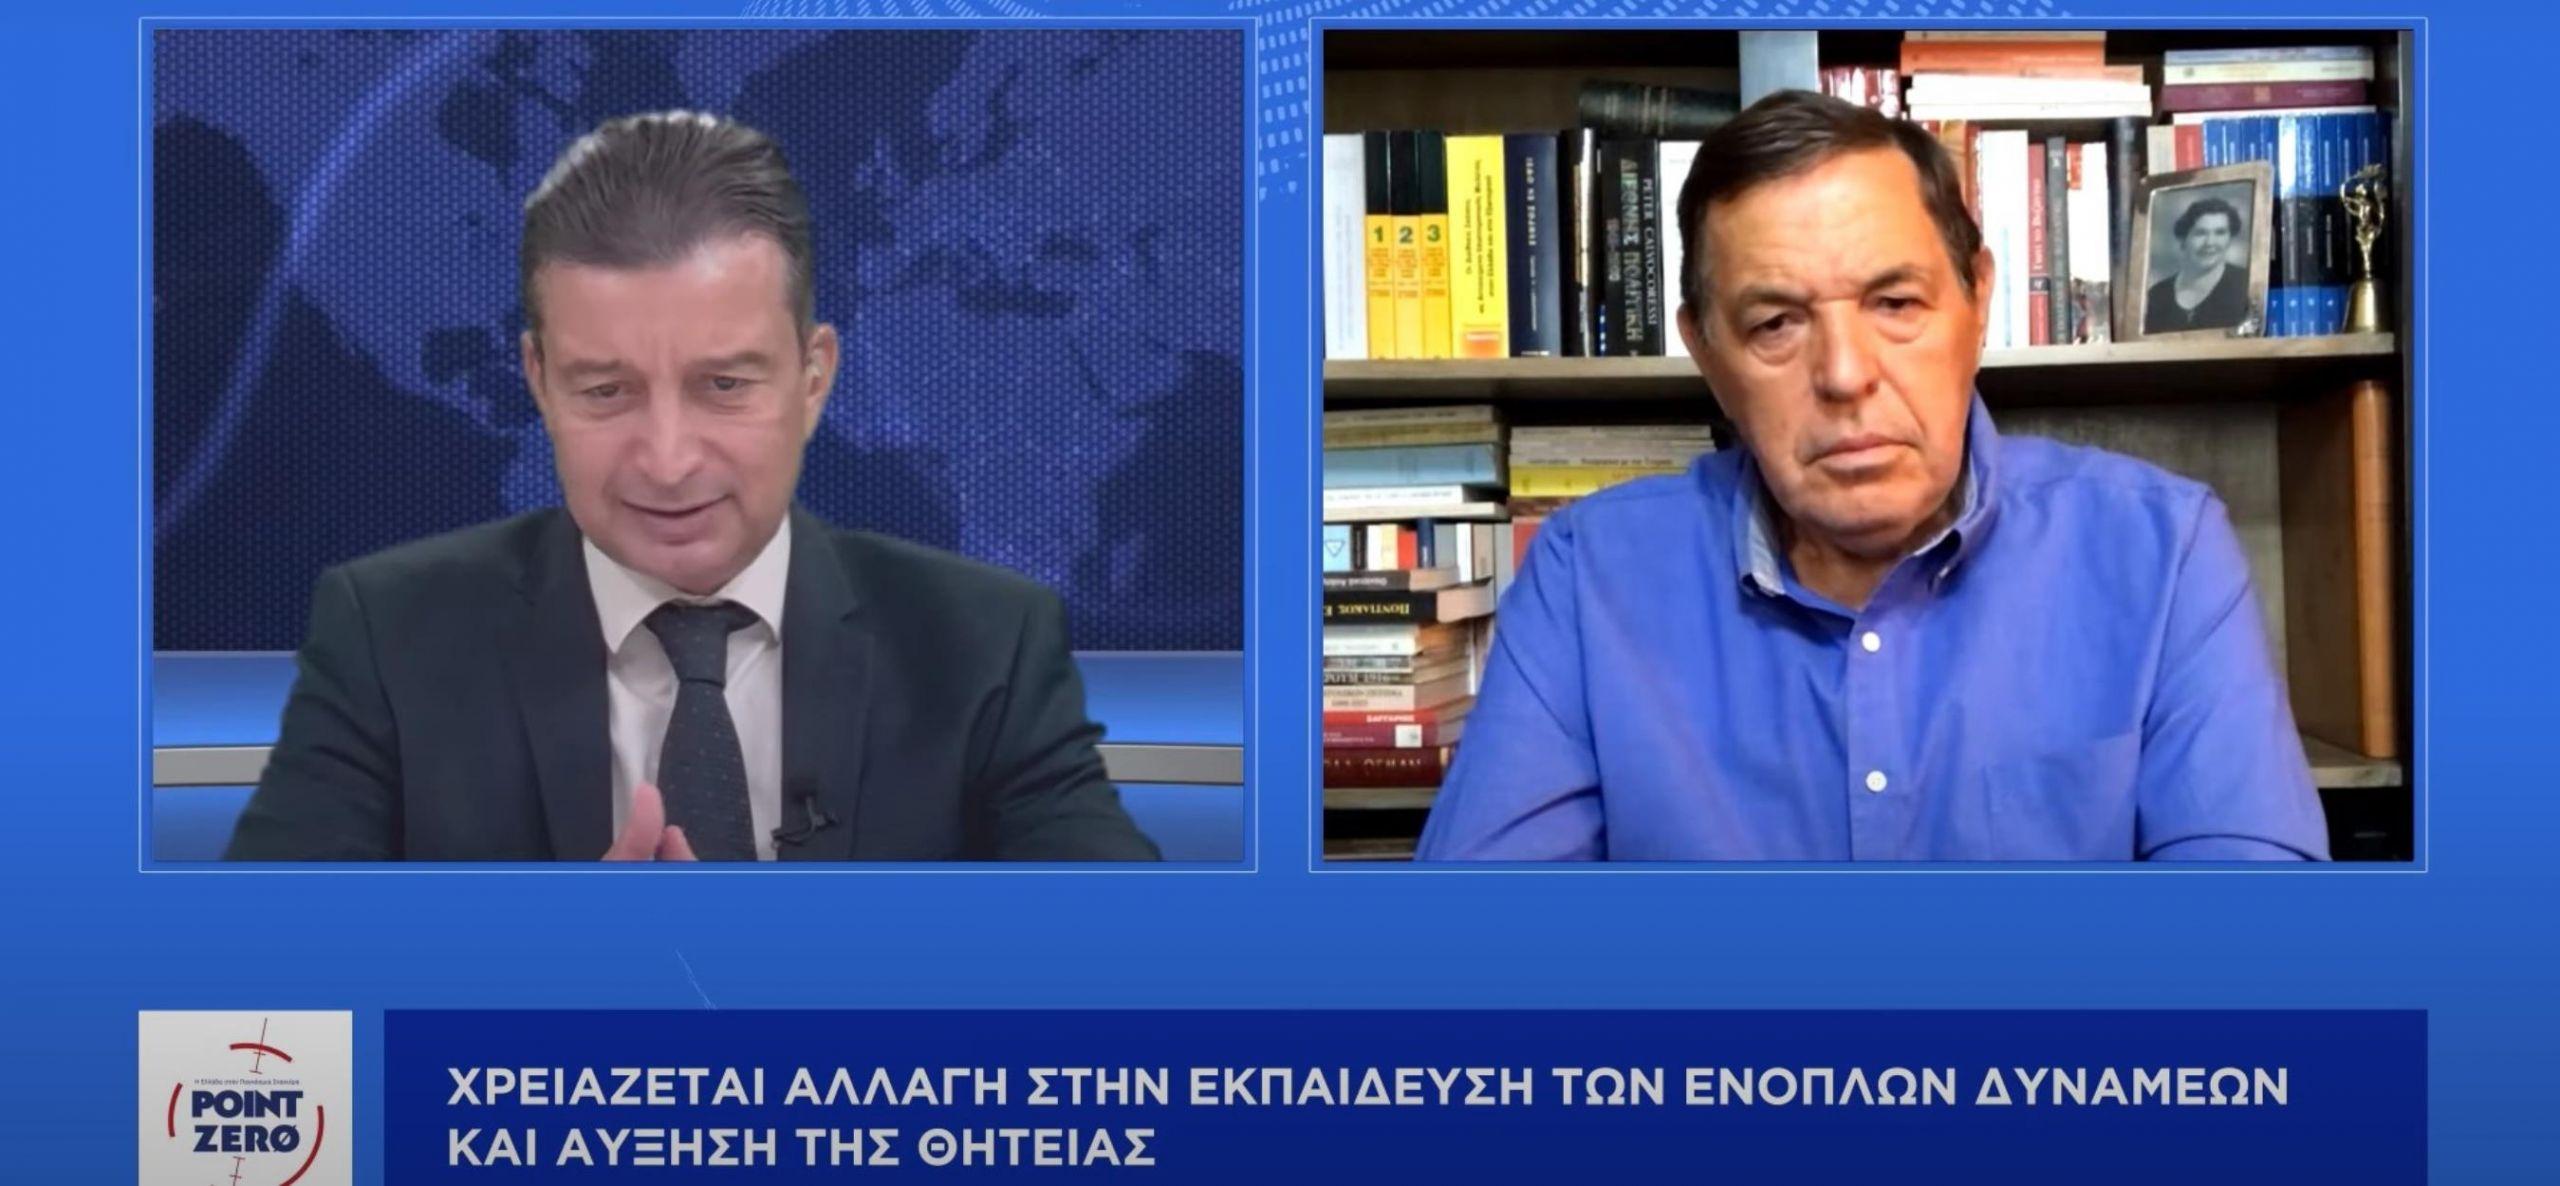 Φραγκούλης Φράγκος στο pagenews.gr